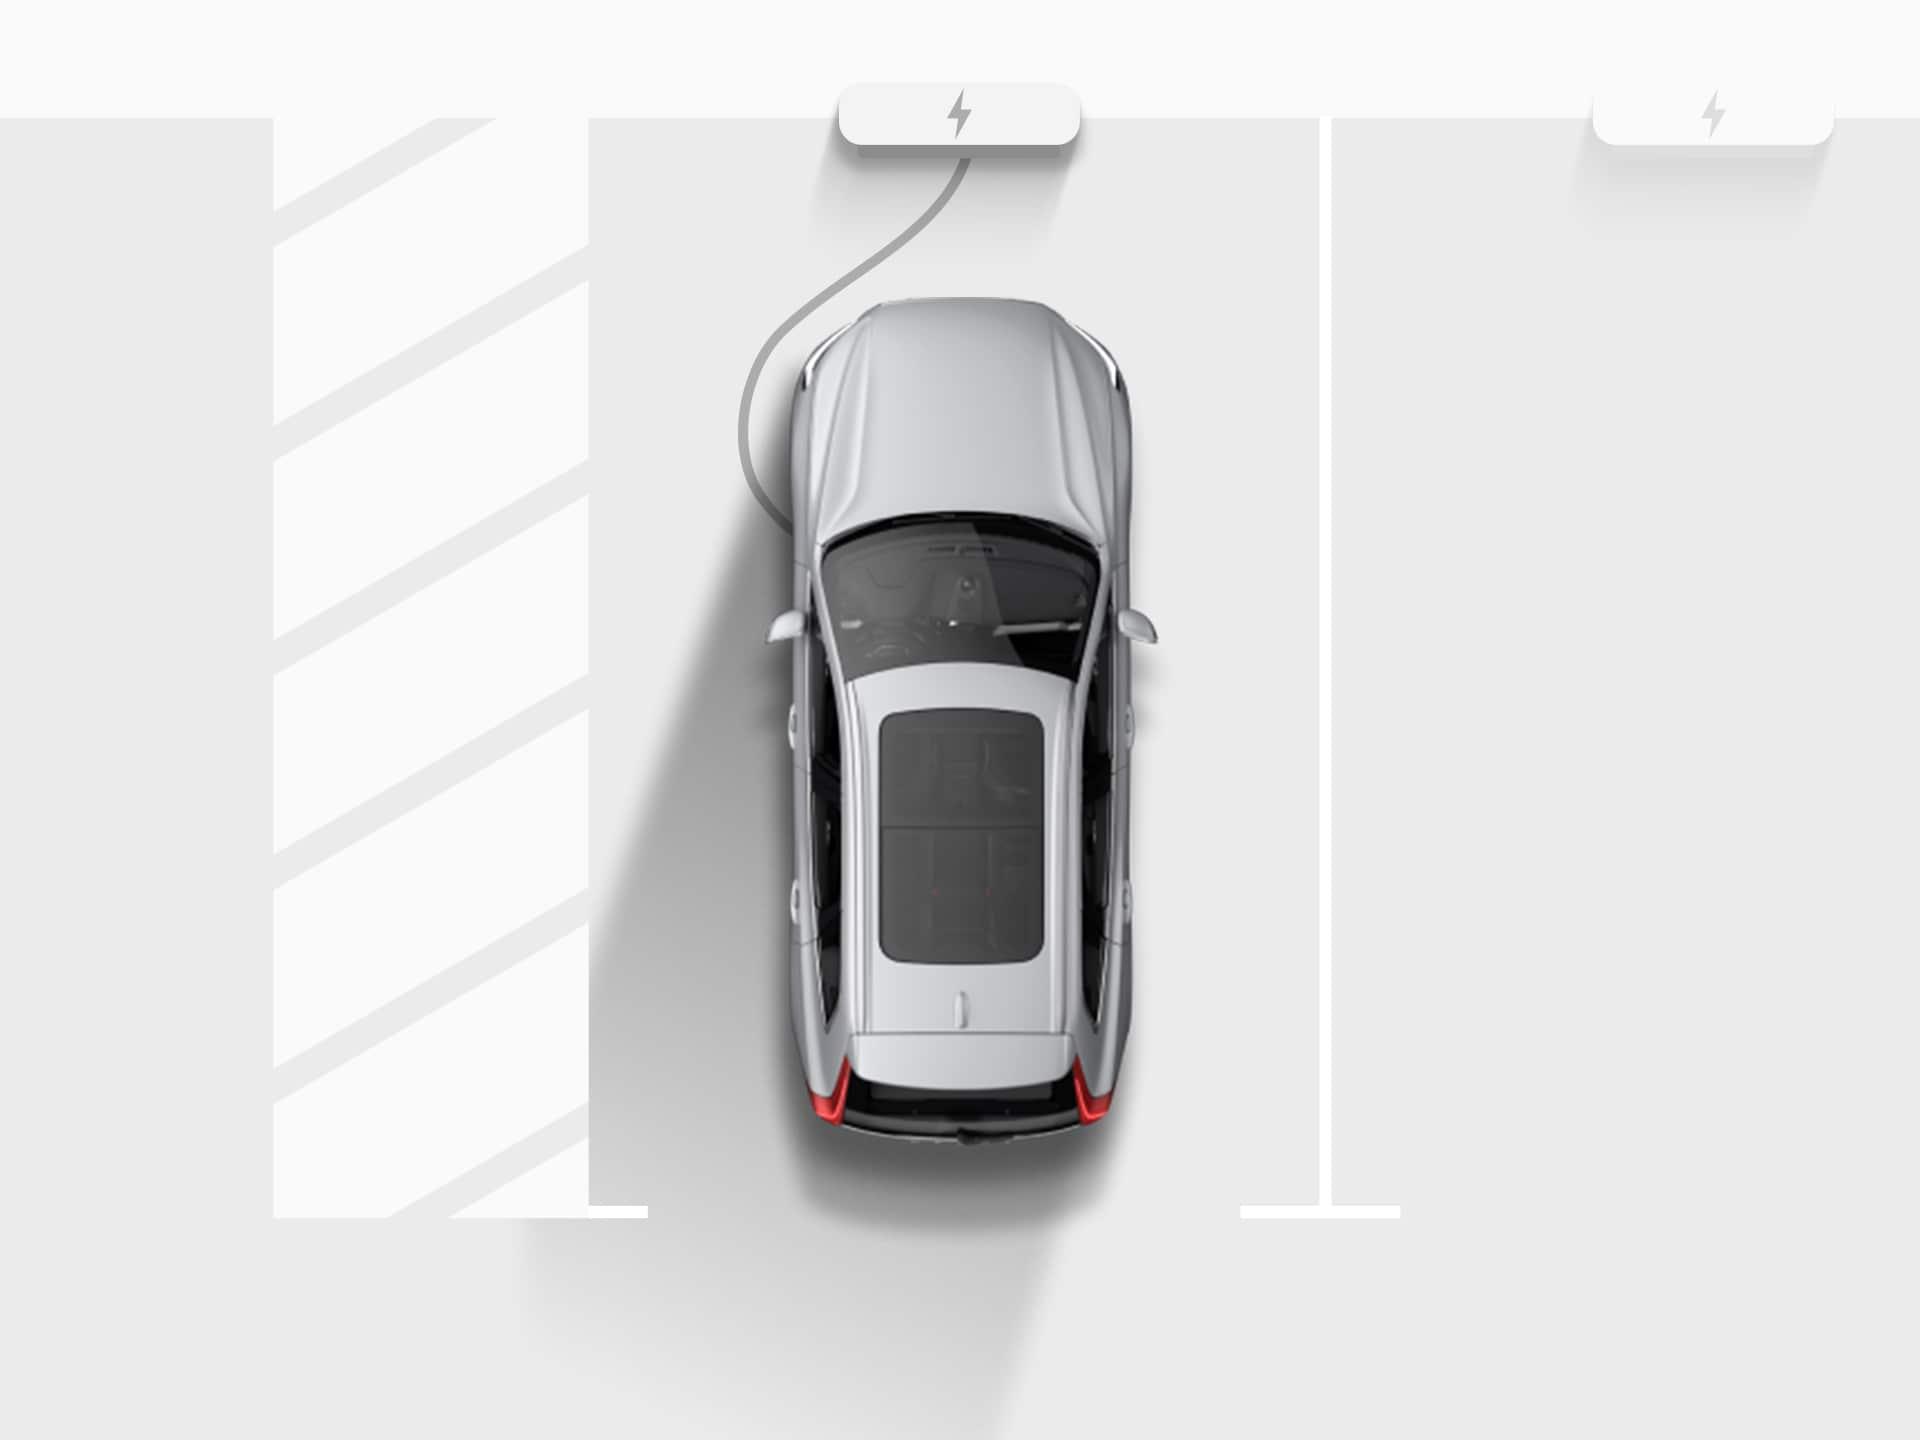 Srebreni potpuno električni SUV Volvo XC40 Recharge prikazan s visine, priključen na stanicu za punjenje na parkirnom mjestu u garaži.